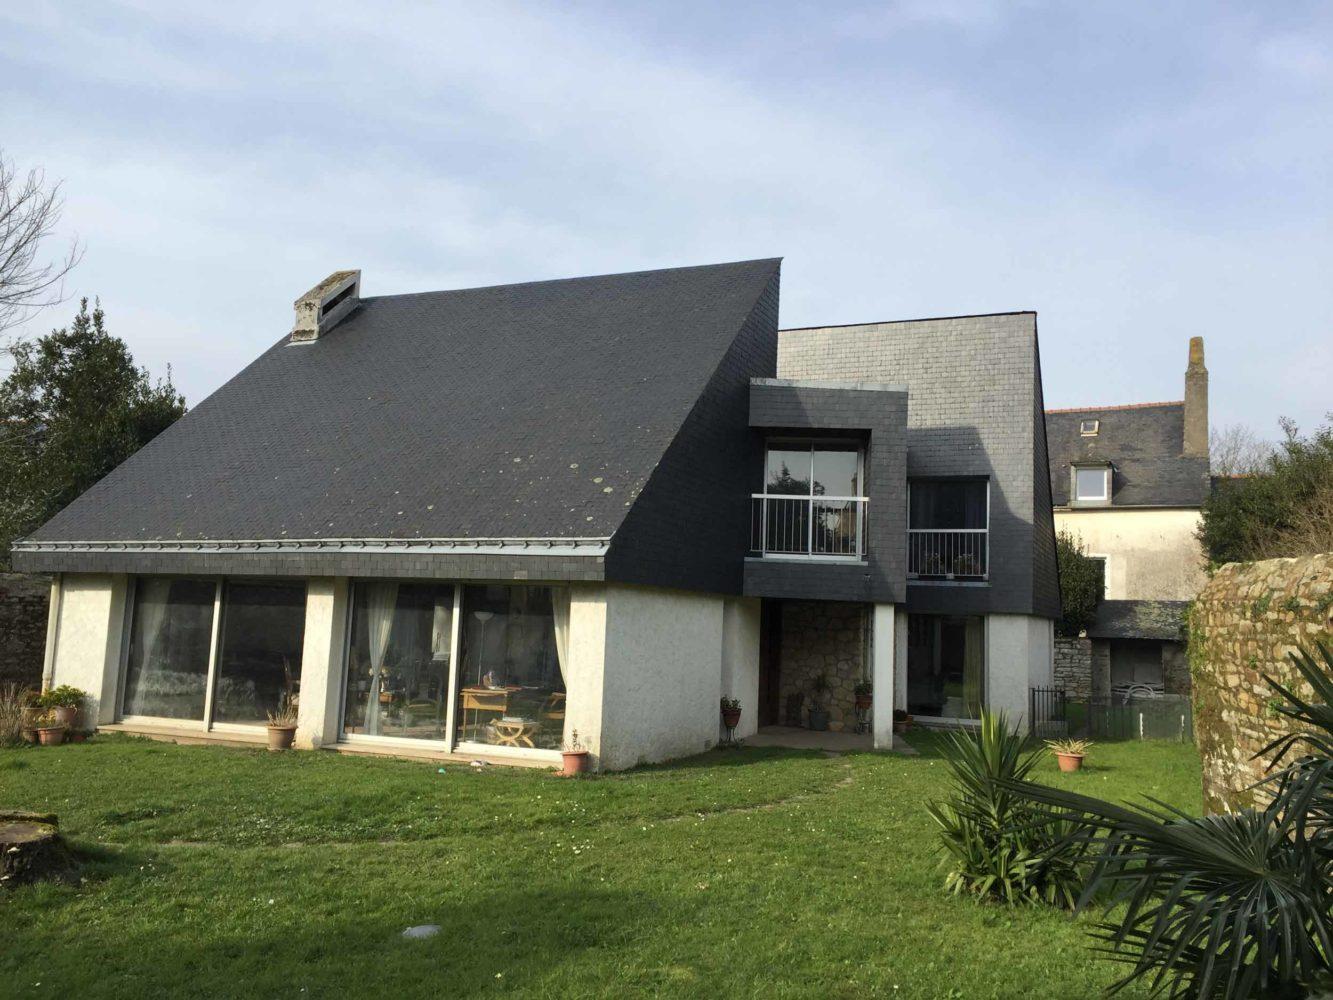 Rénovation-Vannes-Gwénael-LE-PORT-architecte-2-Existant